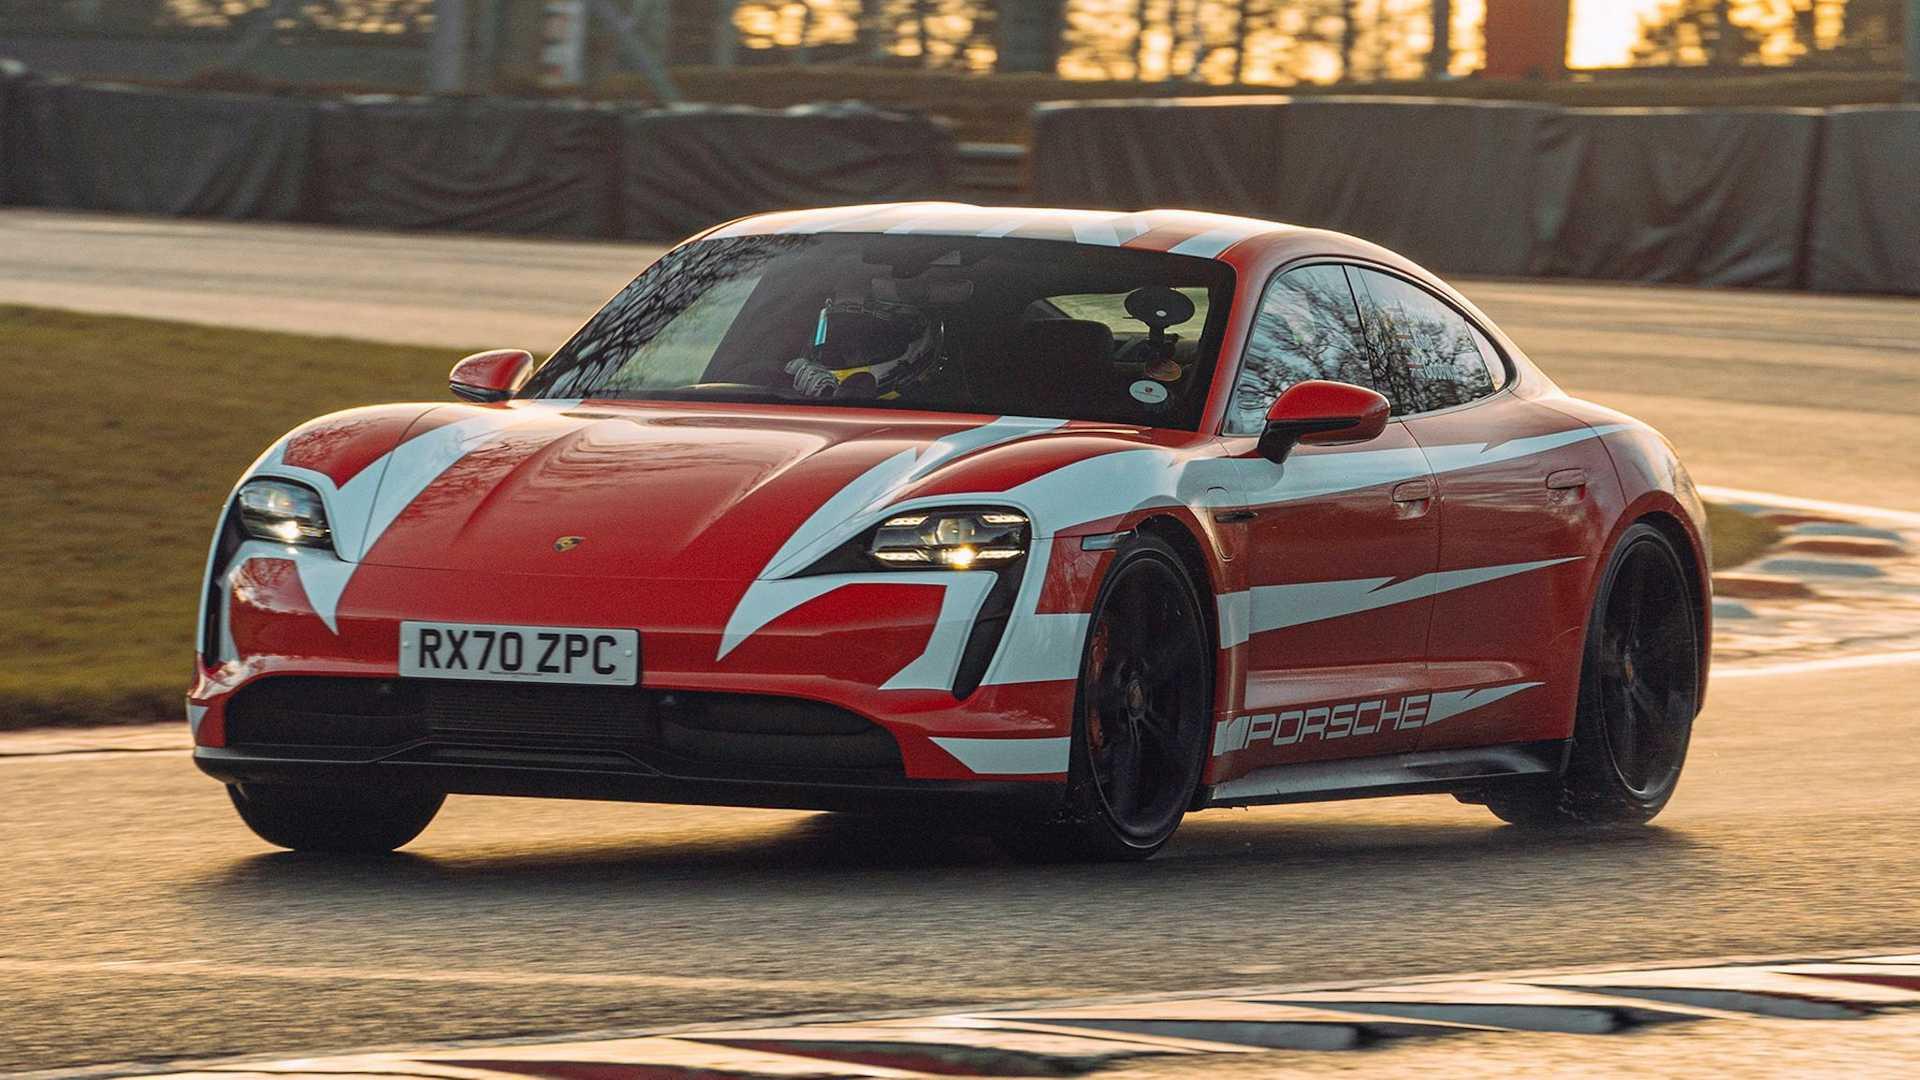 Porsche-Taycan-At-Brands-Hatch-Circuit-6